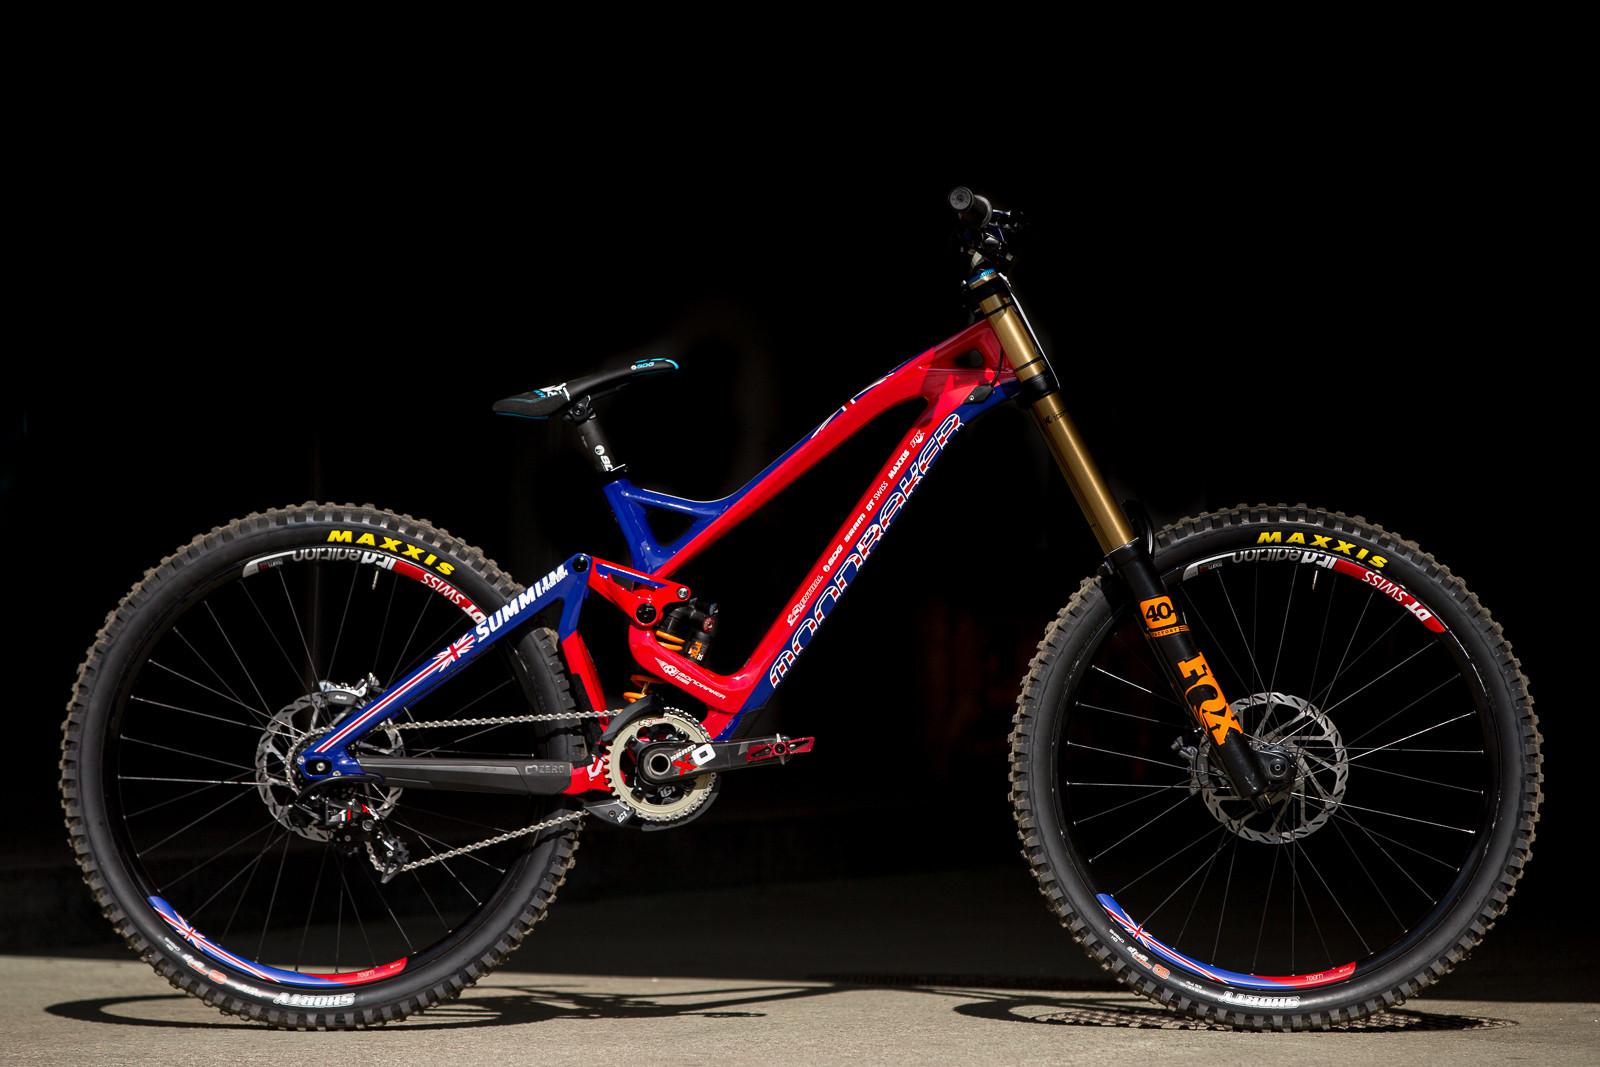 Danny Hart's Mondraker Summum  | 2016 World Champs Bike - PIT BITS & BIKES - 2016 World Champs - Mountain Biking Pictures - Vital MTB